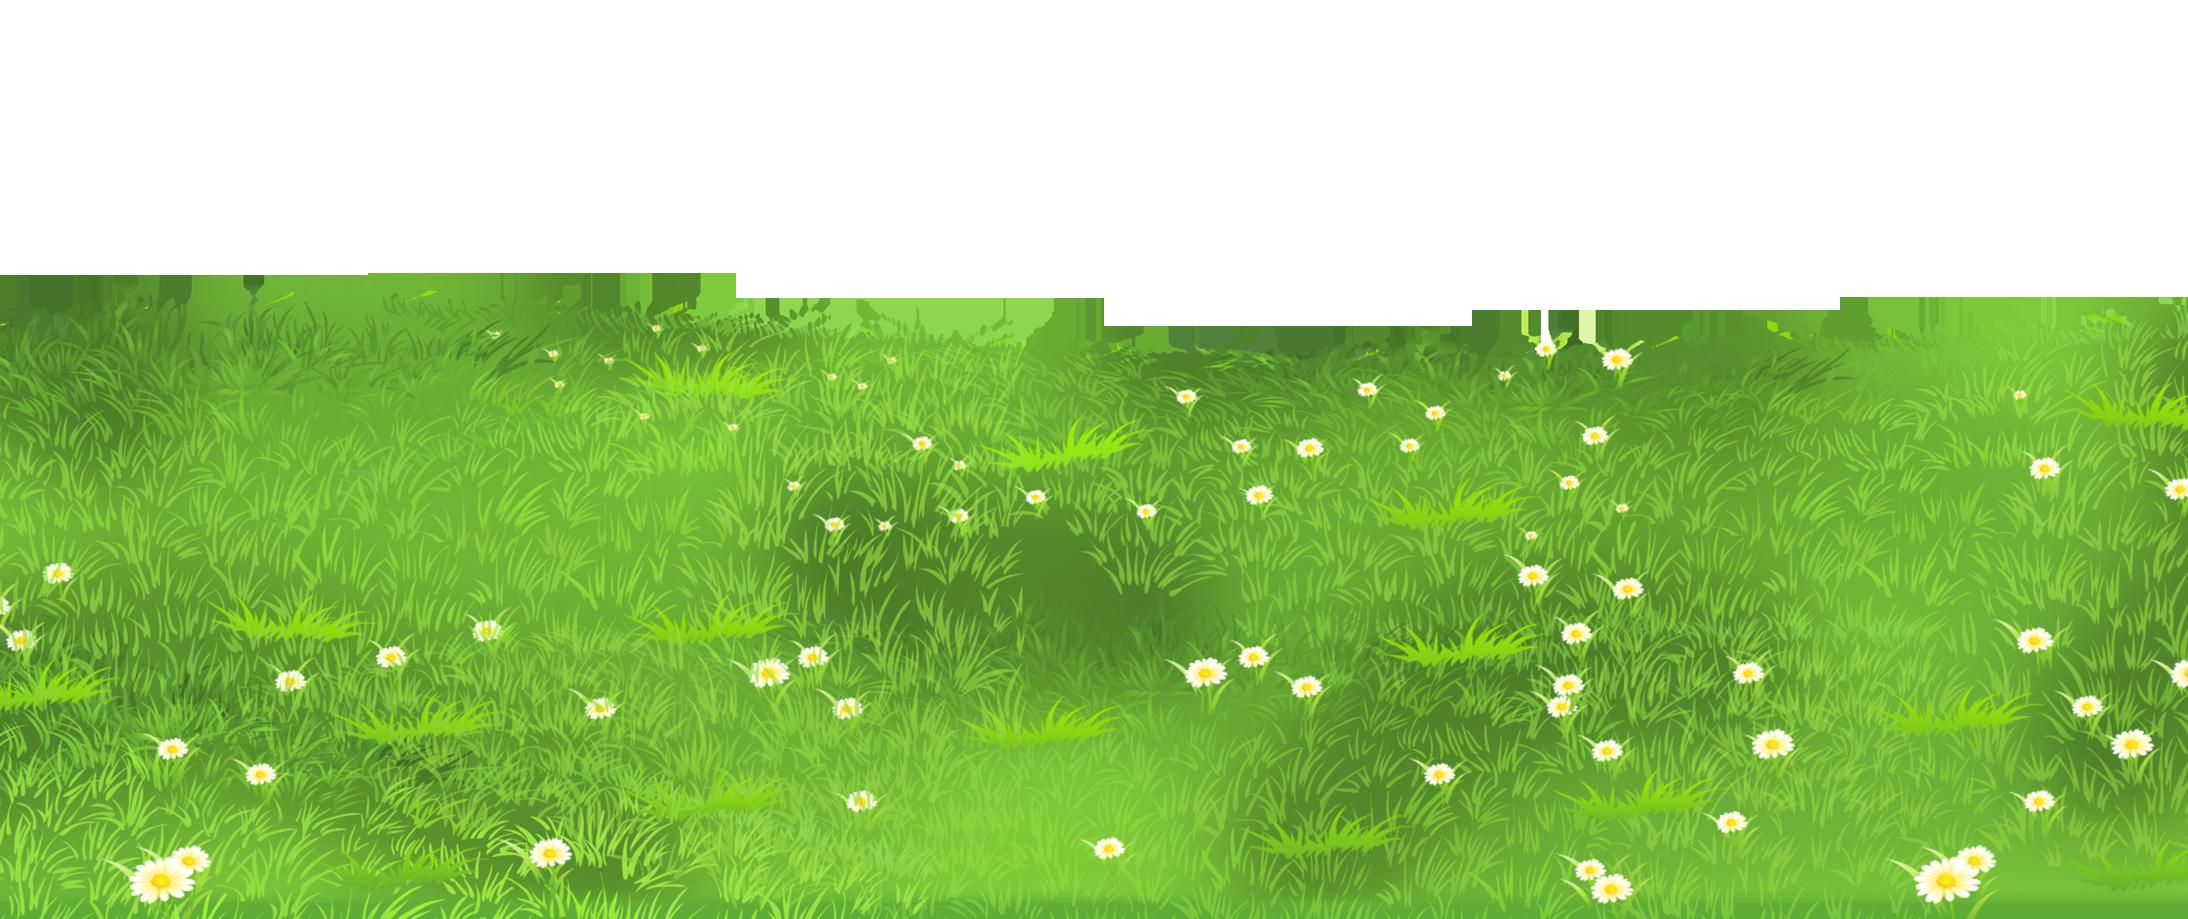 Feilds clipart grass field Clipart collection grass clipart Fall